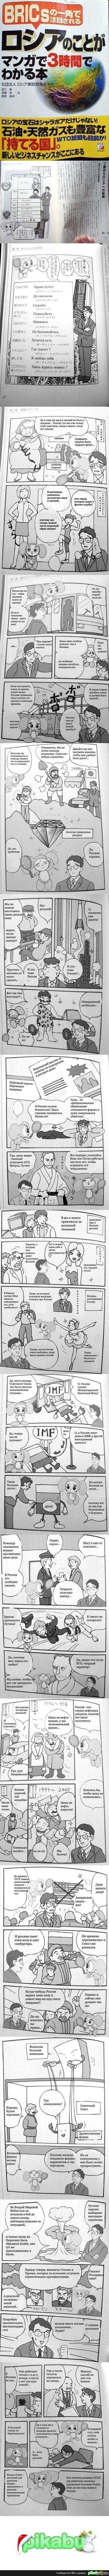 """Длиннопост!Япония о России(Раз пошла такая пьянка) Японский комикс под названием""""Узнать всю Россию за три часа с помощью комиксов""""(Внимание, японские комиксы читают справа налево.)Приятного просмотра"""